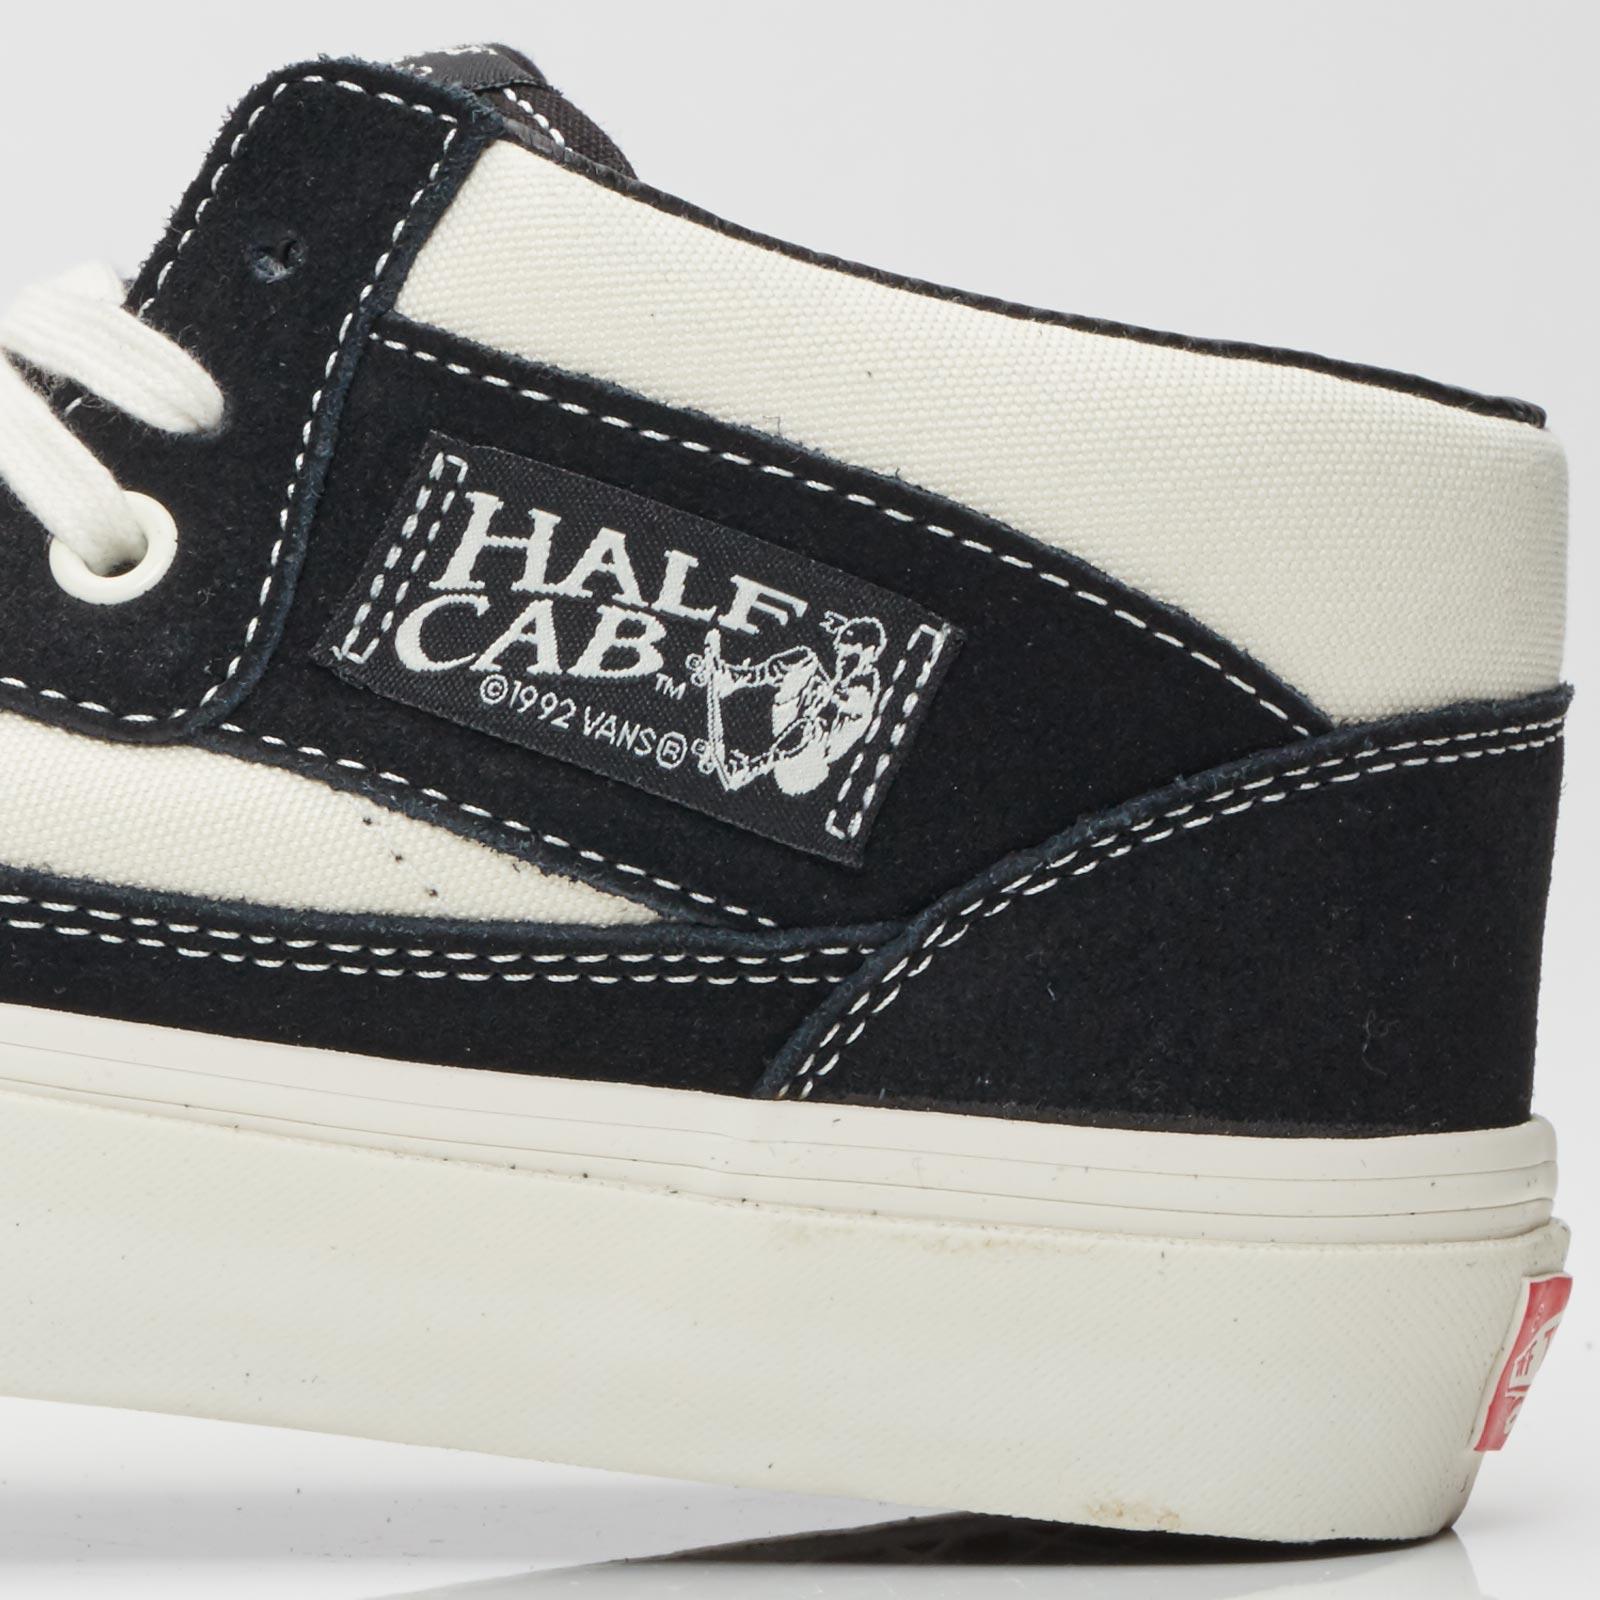 8b64d4507a Vans OG Half Cab LX - Va3dp6n8k - Sneakersnstuff